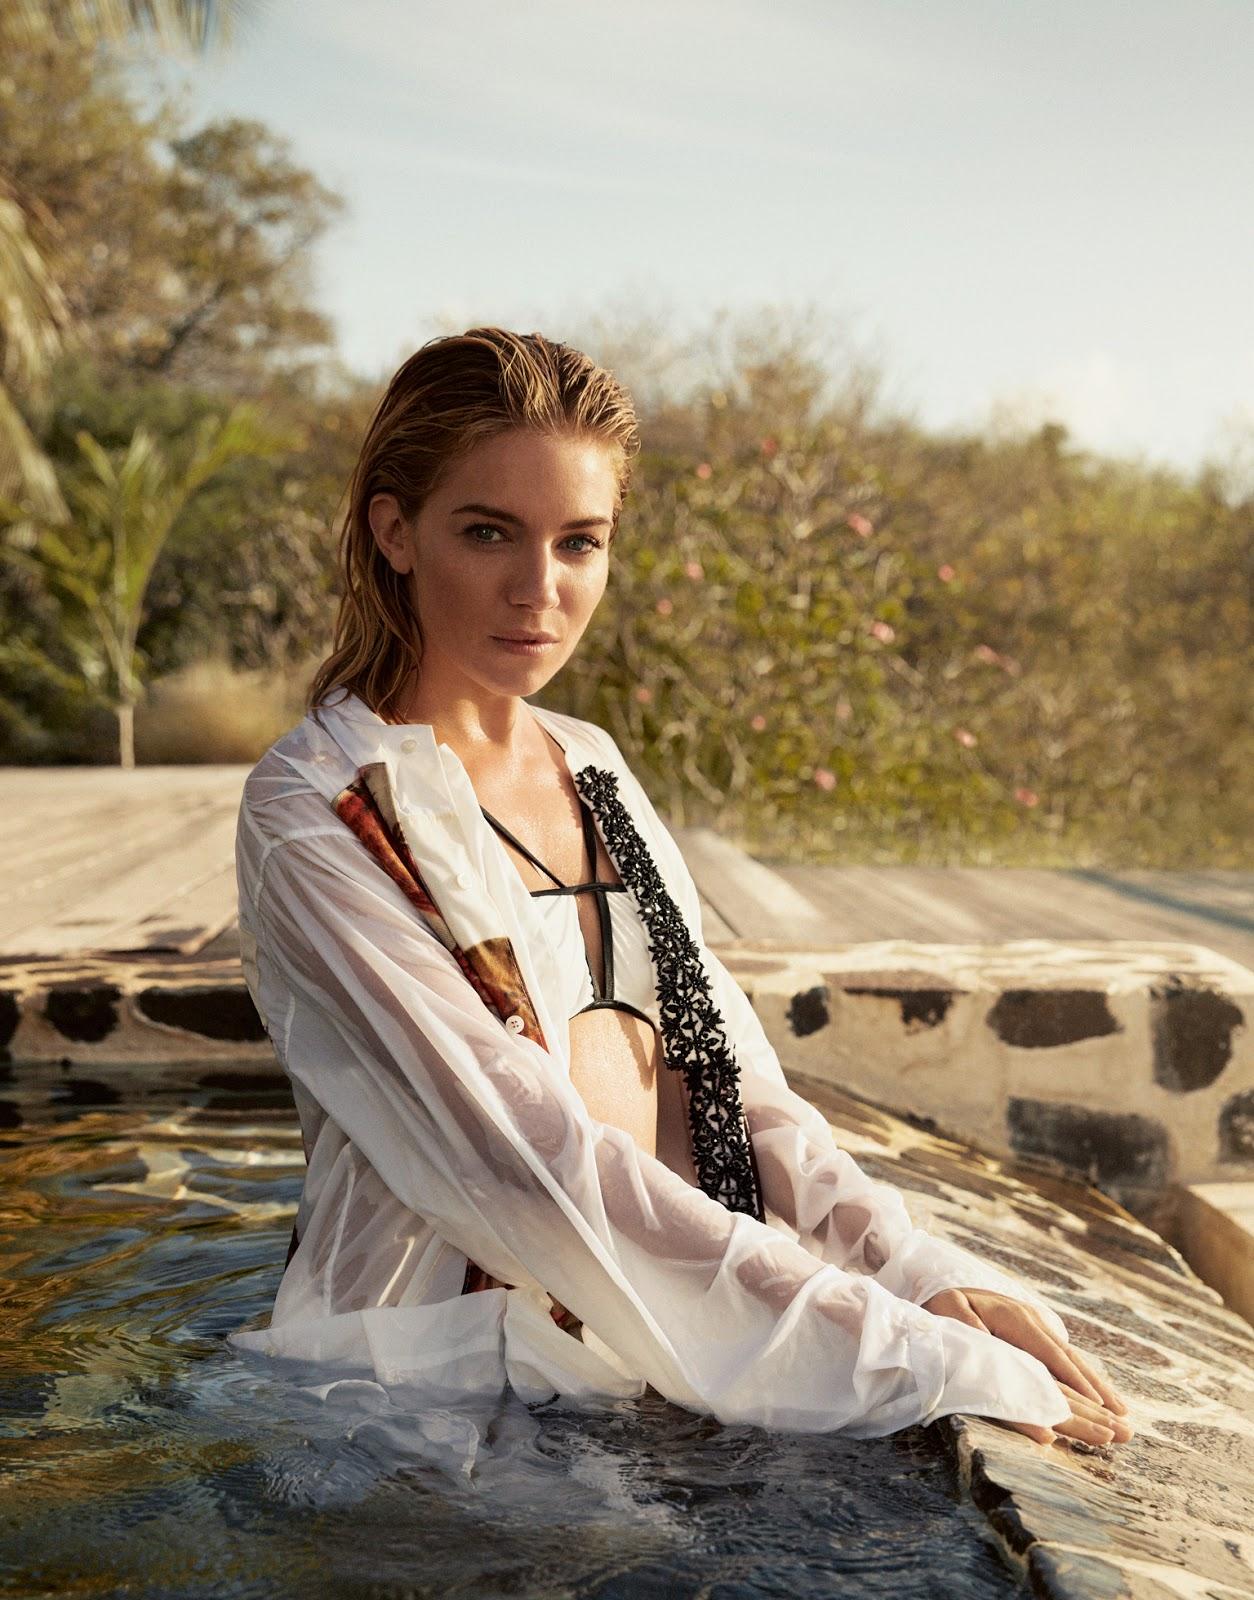 Sienna Miller in Porter Magazine Summer Escape #15 2016 by ...